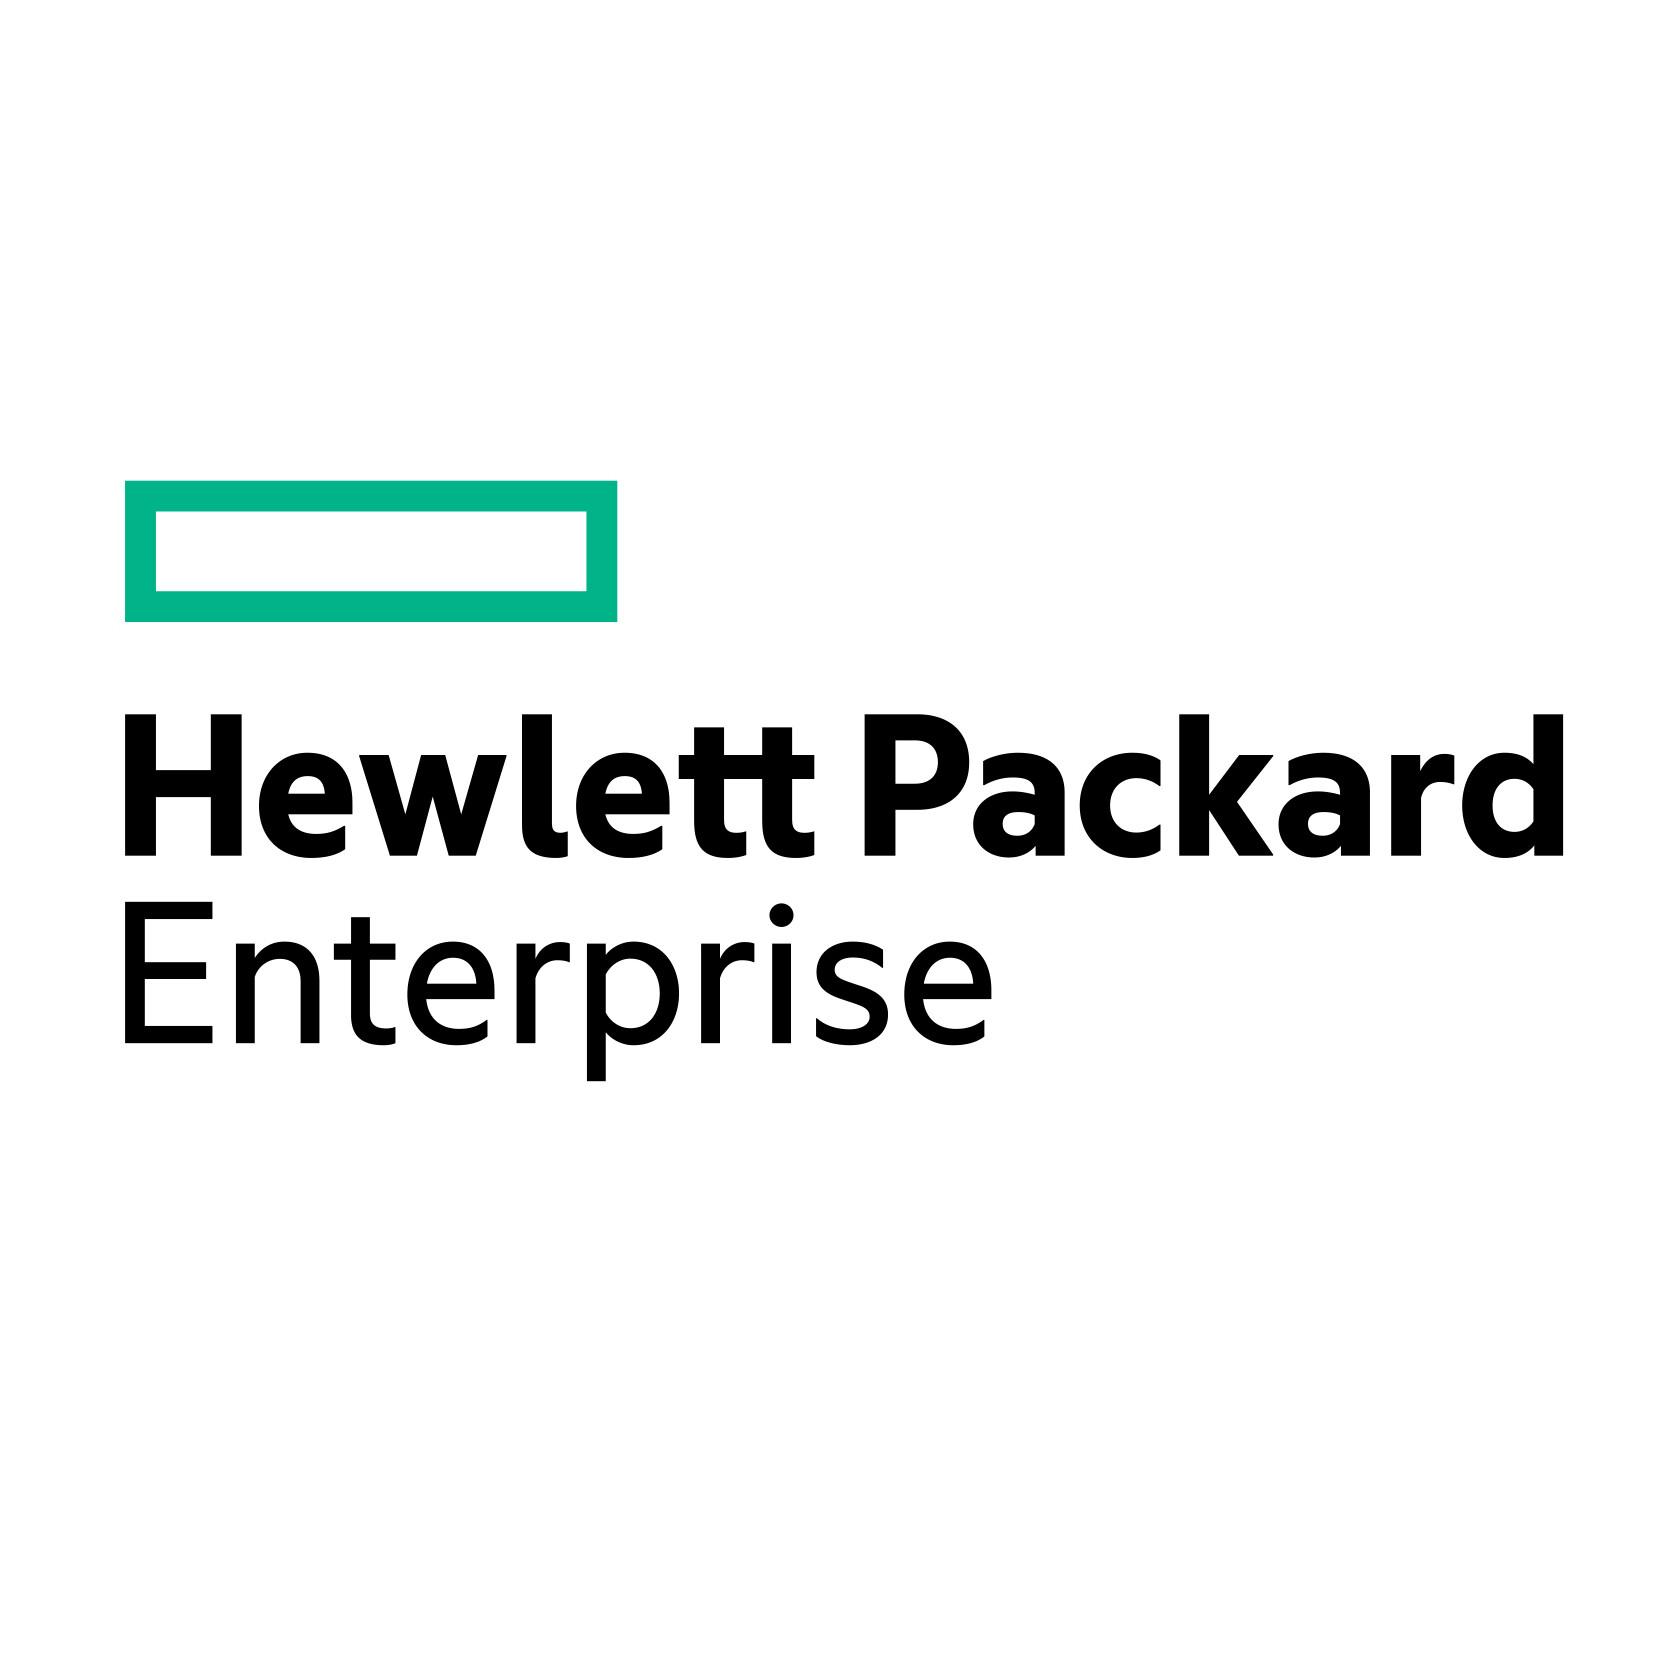 Hewlett Packard Enterpise